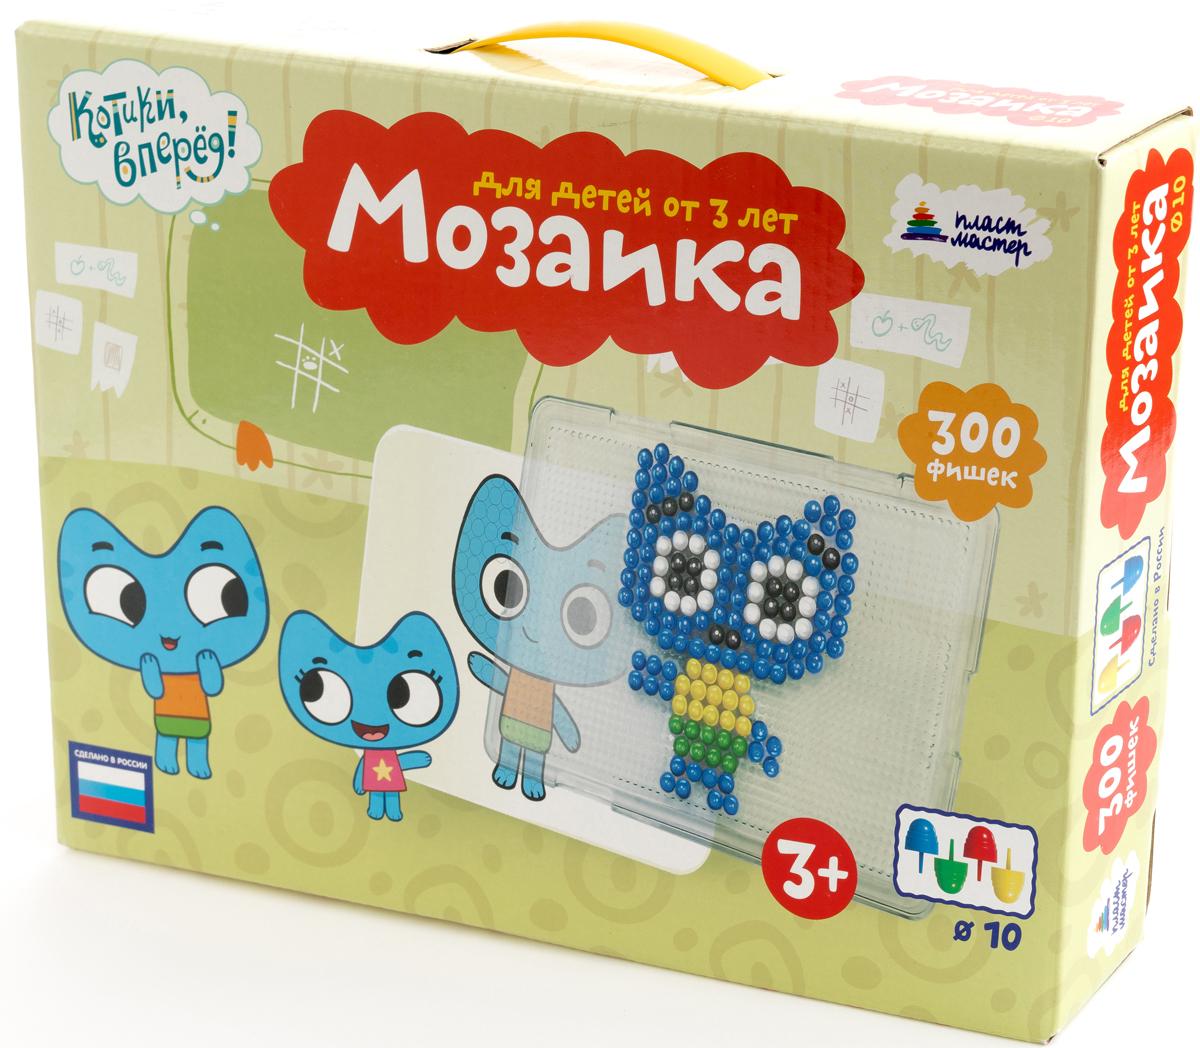 Котики Вперед Мозаика 15000 мозаика miniland мозаика 10 мм